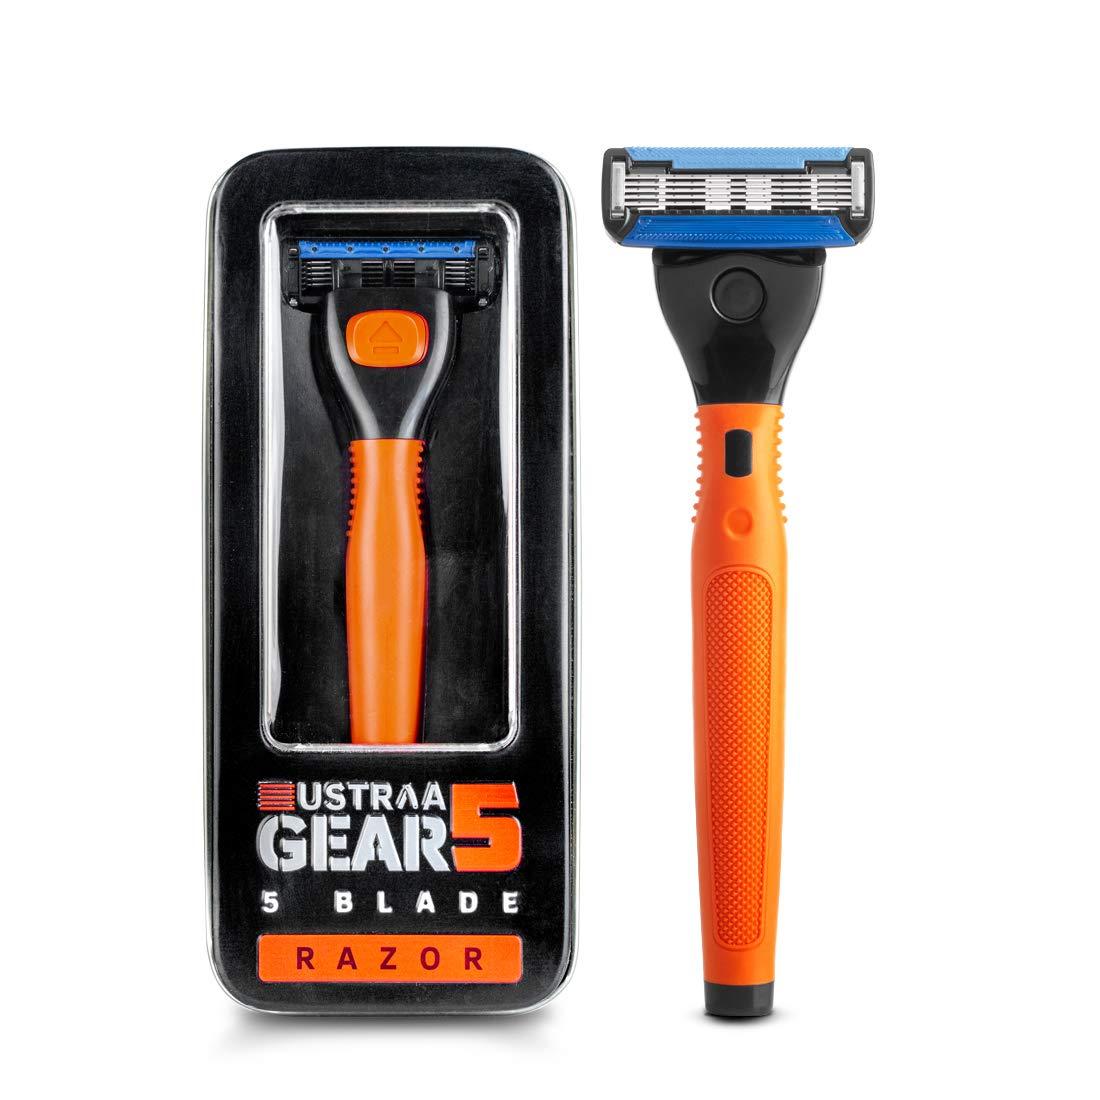 Ustraa Gear 5 Shaving Razor